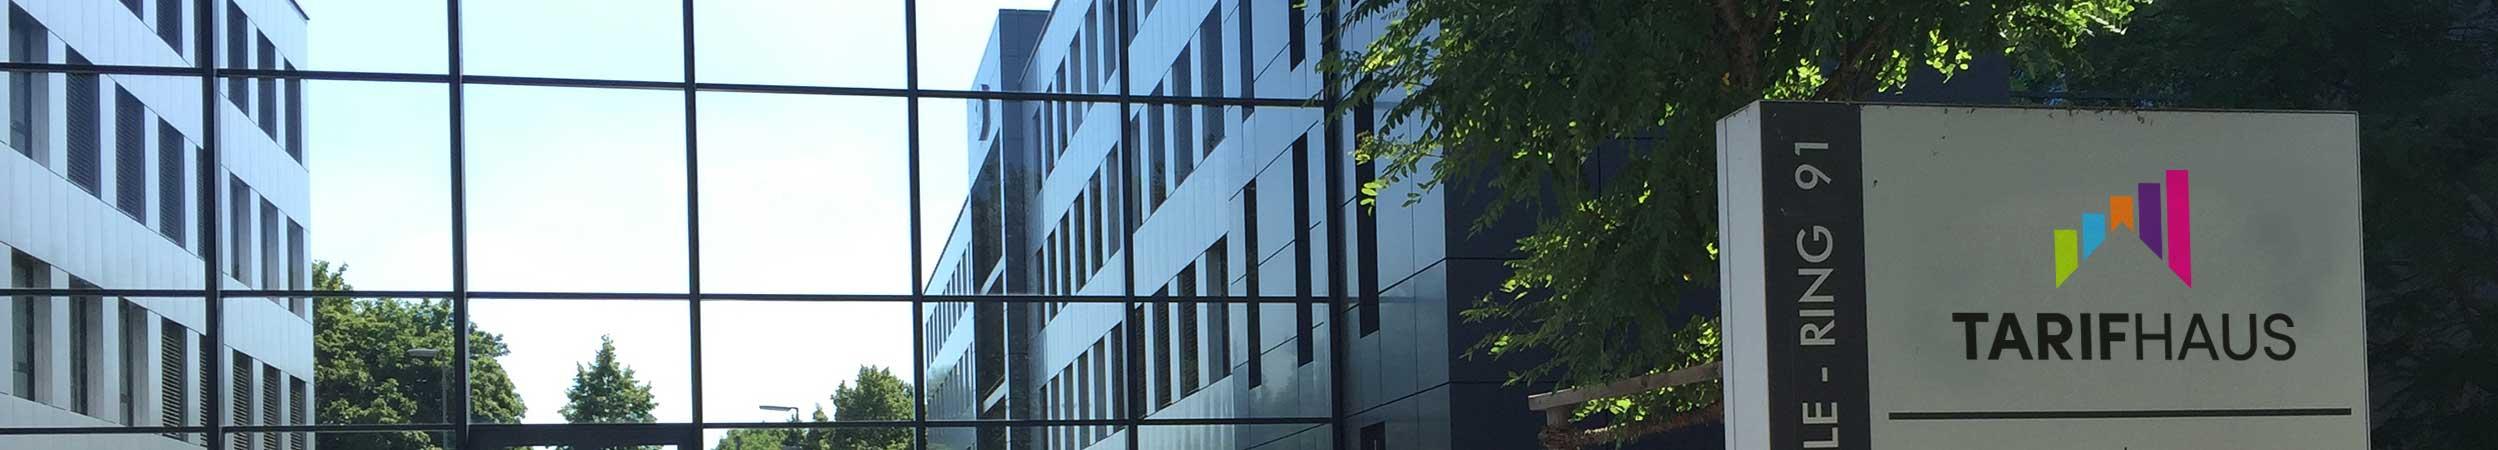 Zu sehen ist der Firmensitz der Tarifhaus Ag am Georg-Brauchle-Ring 91